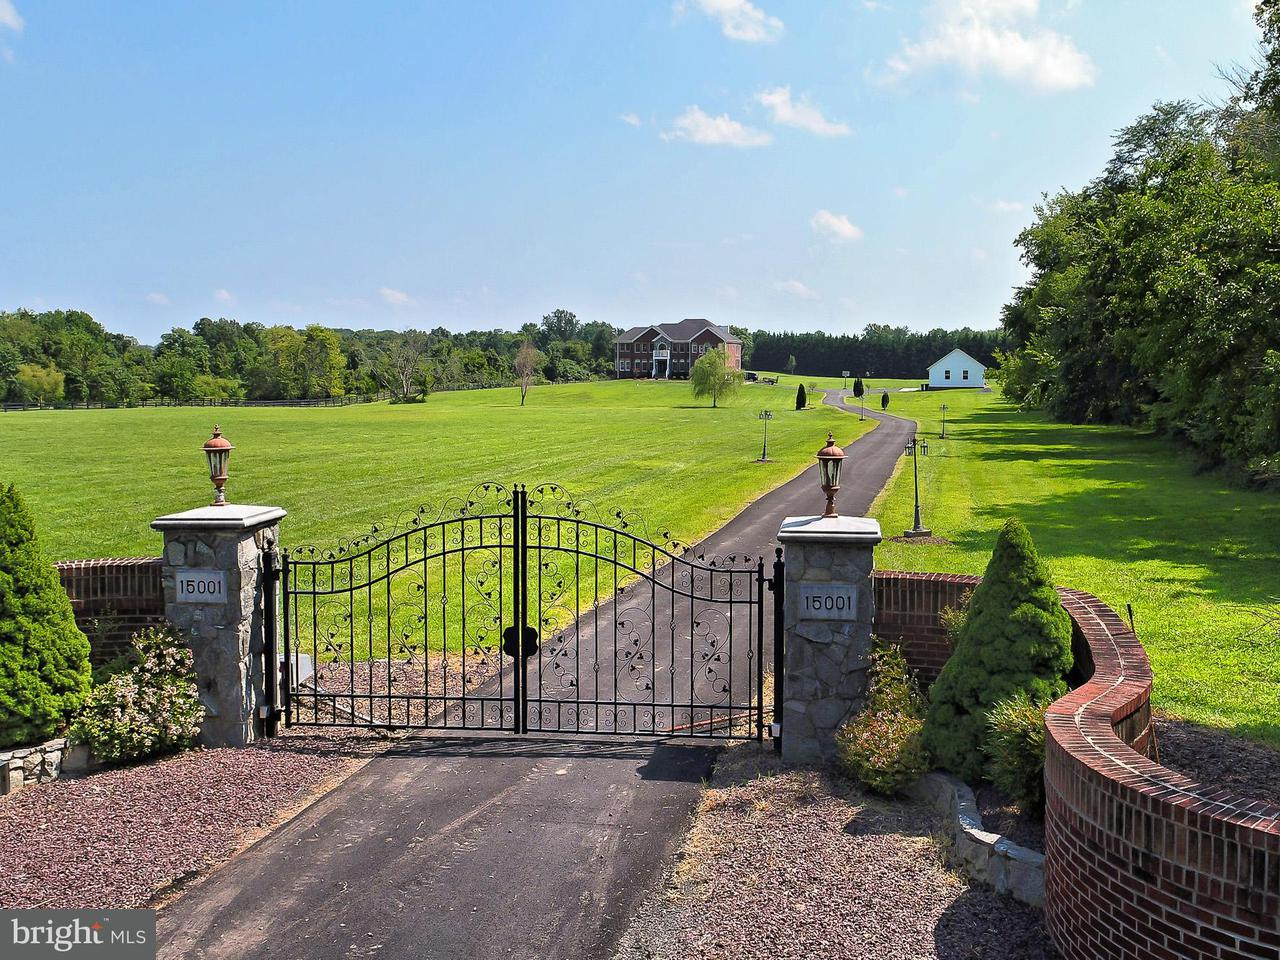 獨棟家庭住宅 為 出售 在 15001 Vint Hill Road 15001 Vint Hill Road Nokesville, 弗吉尼亞州 20181 美國